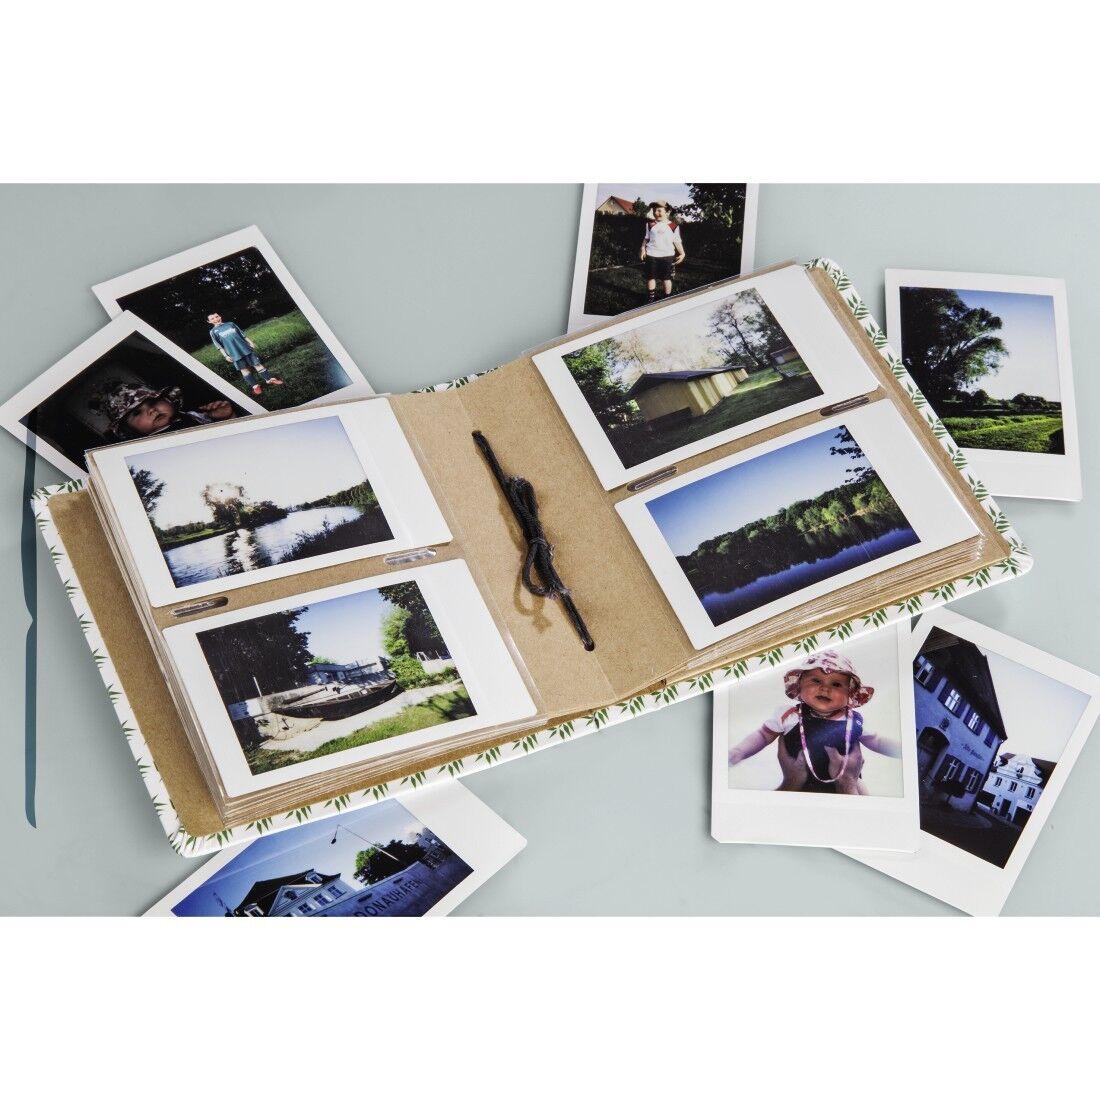 56 Fotos Hama Cool Story deslizarse en álbum De Fotos Para Instax Mini kiipix Fotos